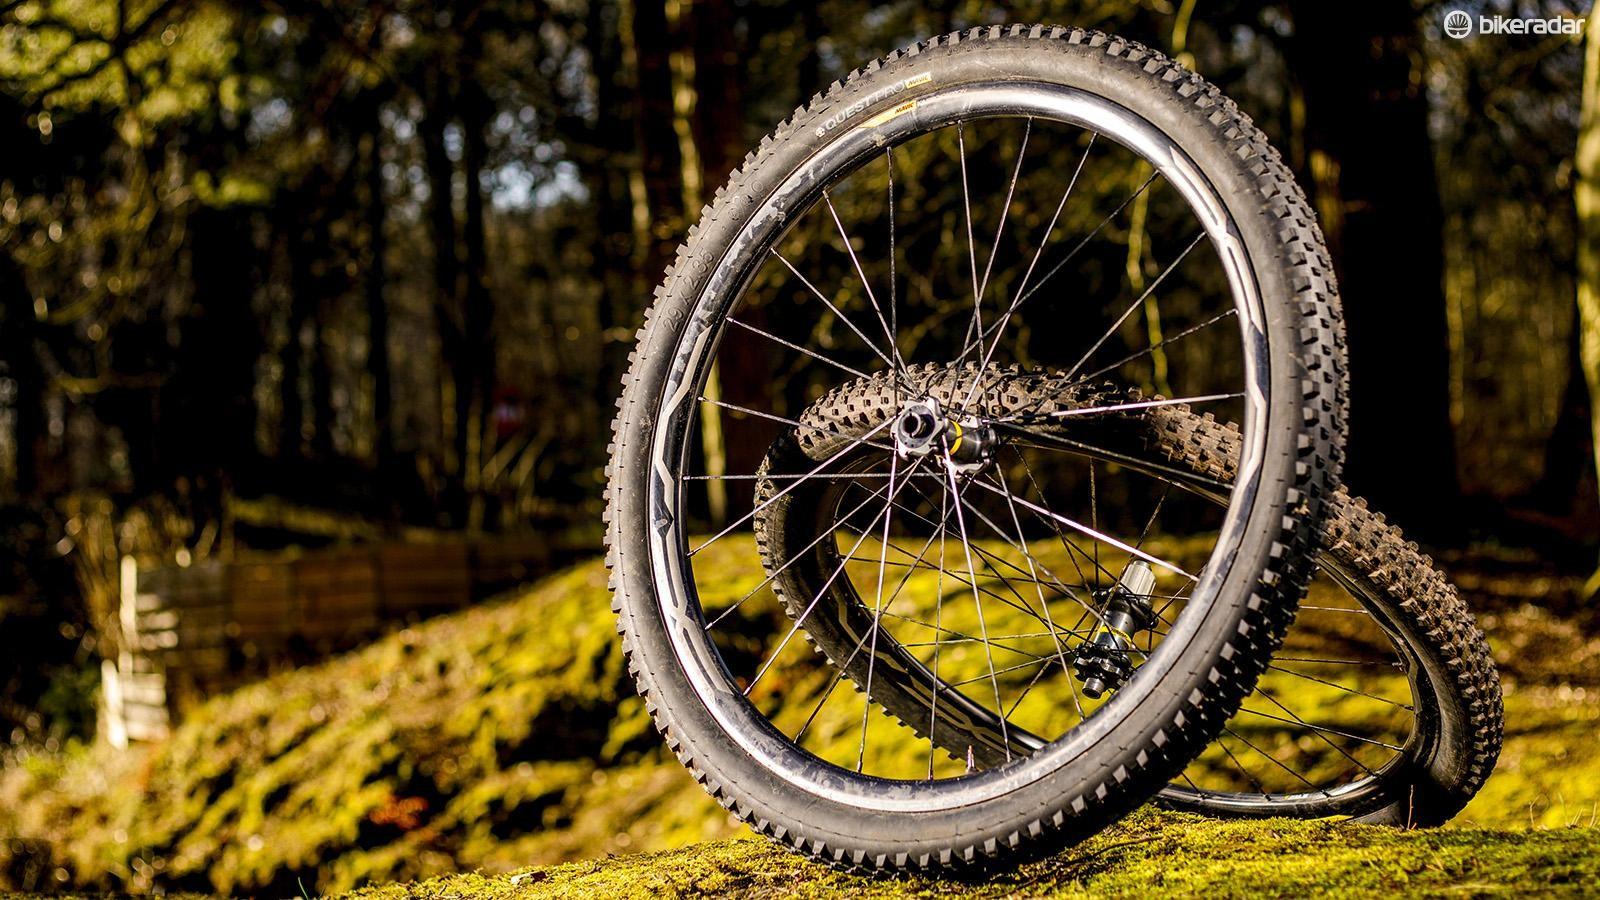 Mavic's XA Pro Carbon wheelset